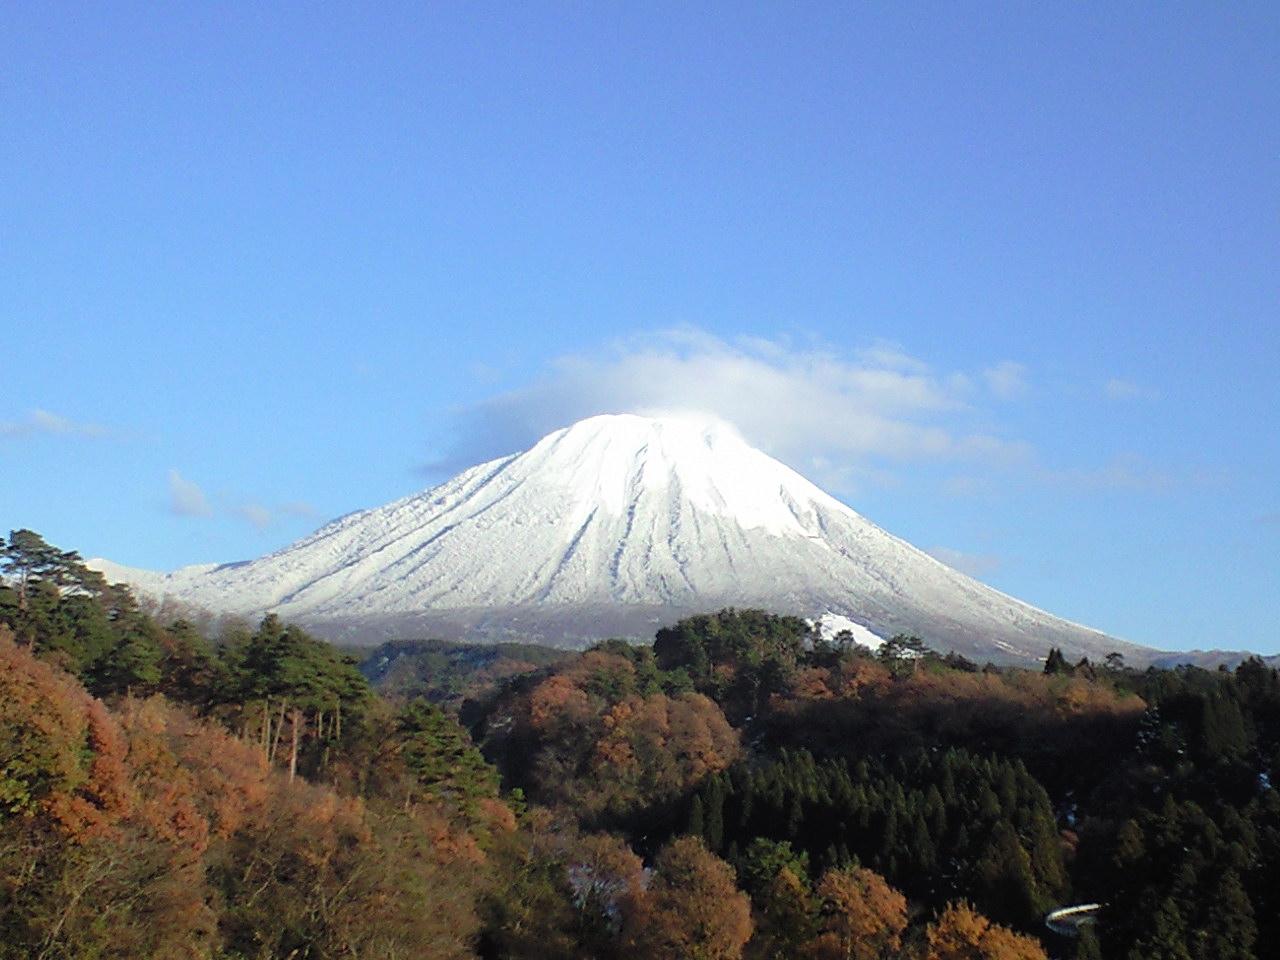 また今日の大山も綺麗やなぁ〜♪